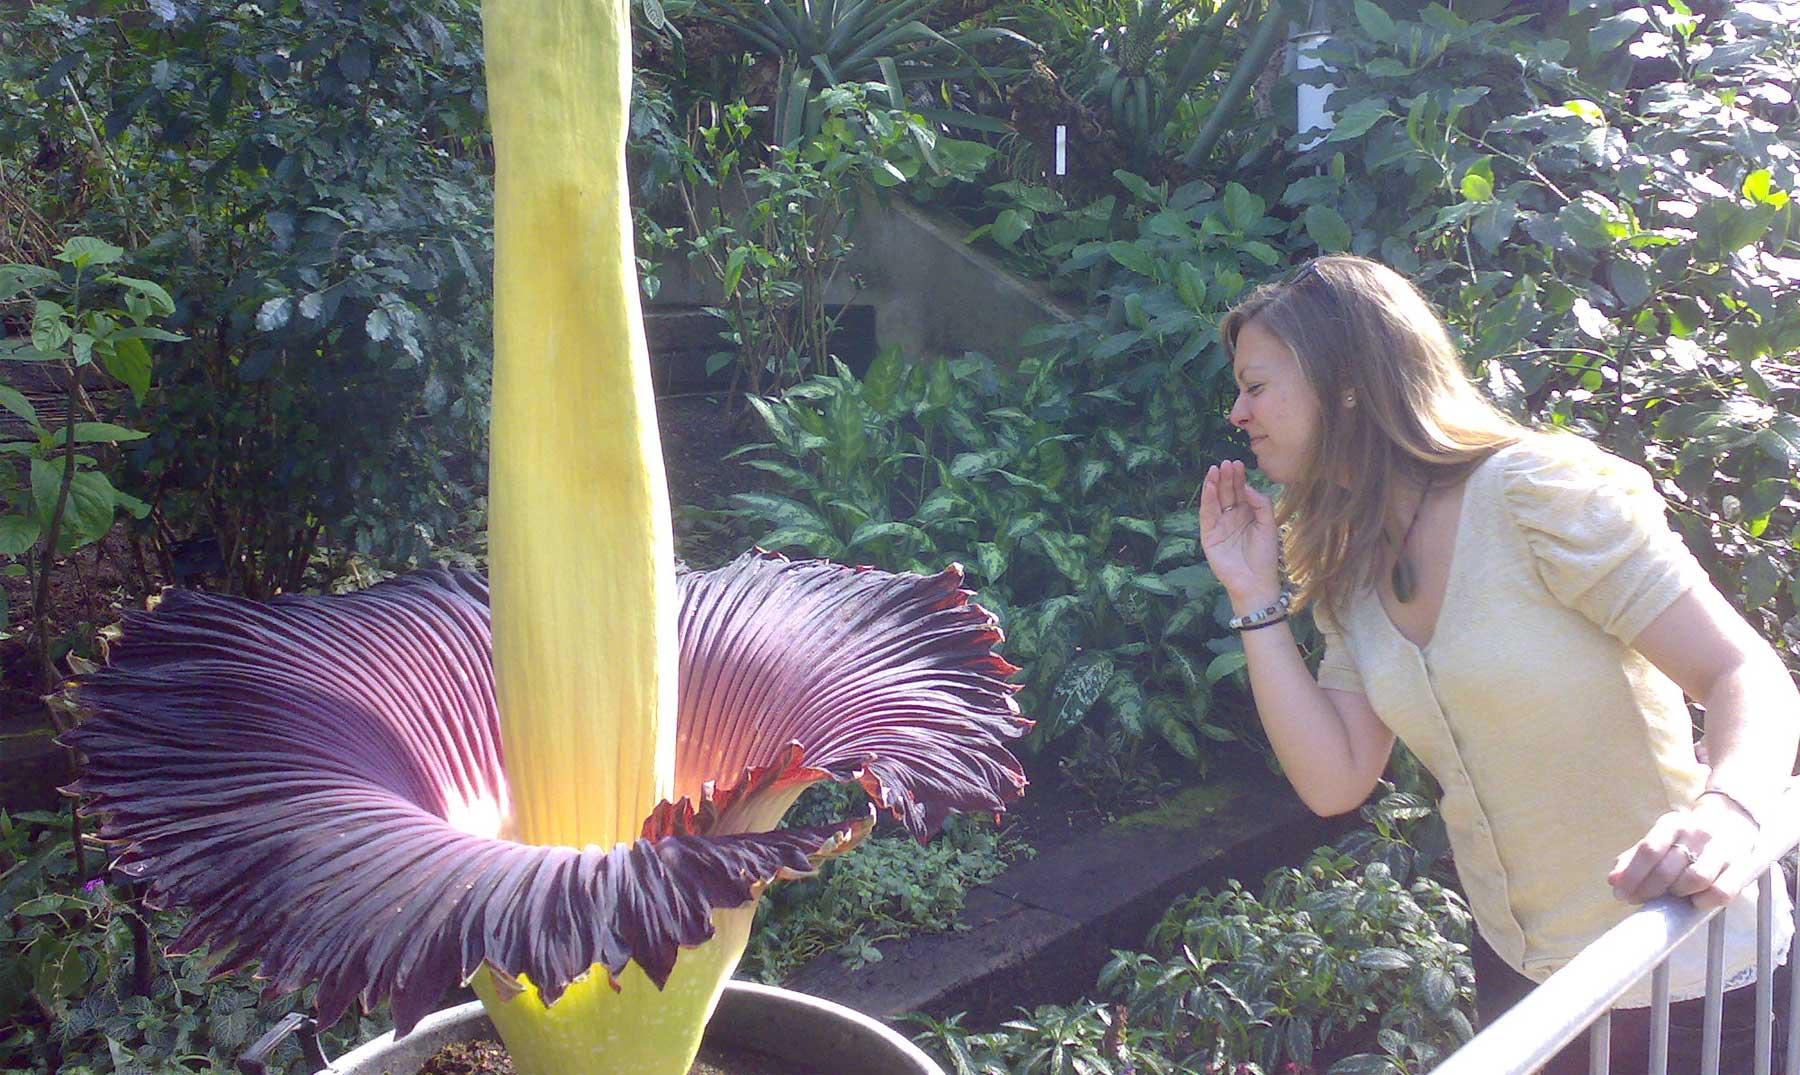 La planta con olor a cadáver